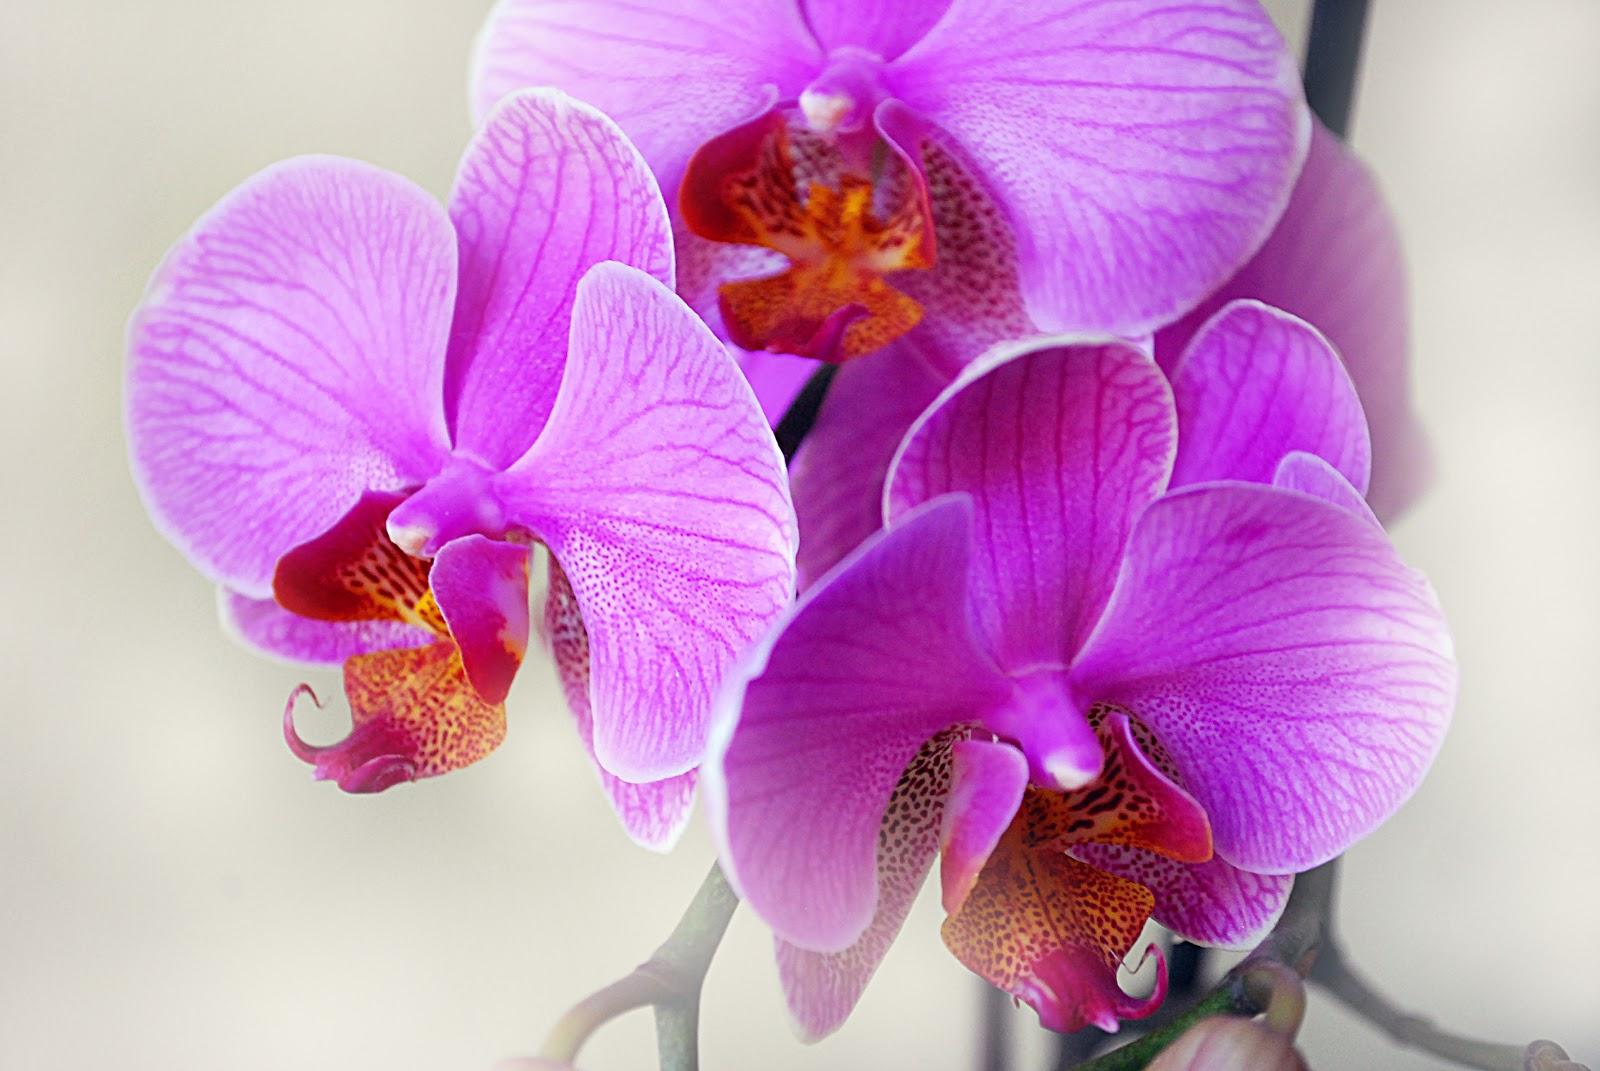 7 Kwiatow Pielegnacja Storczyka To Naprawde Latwe